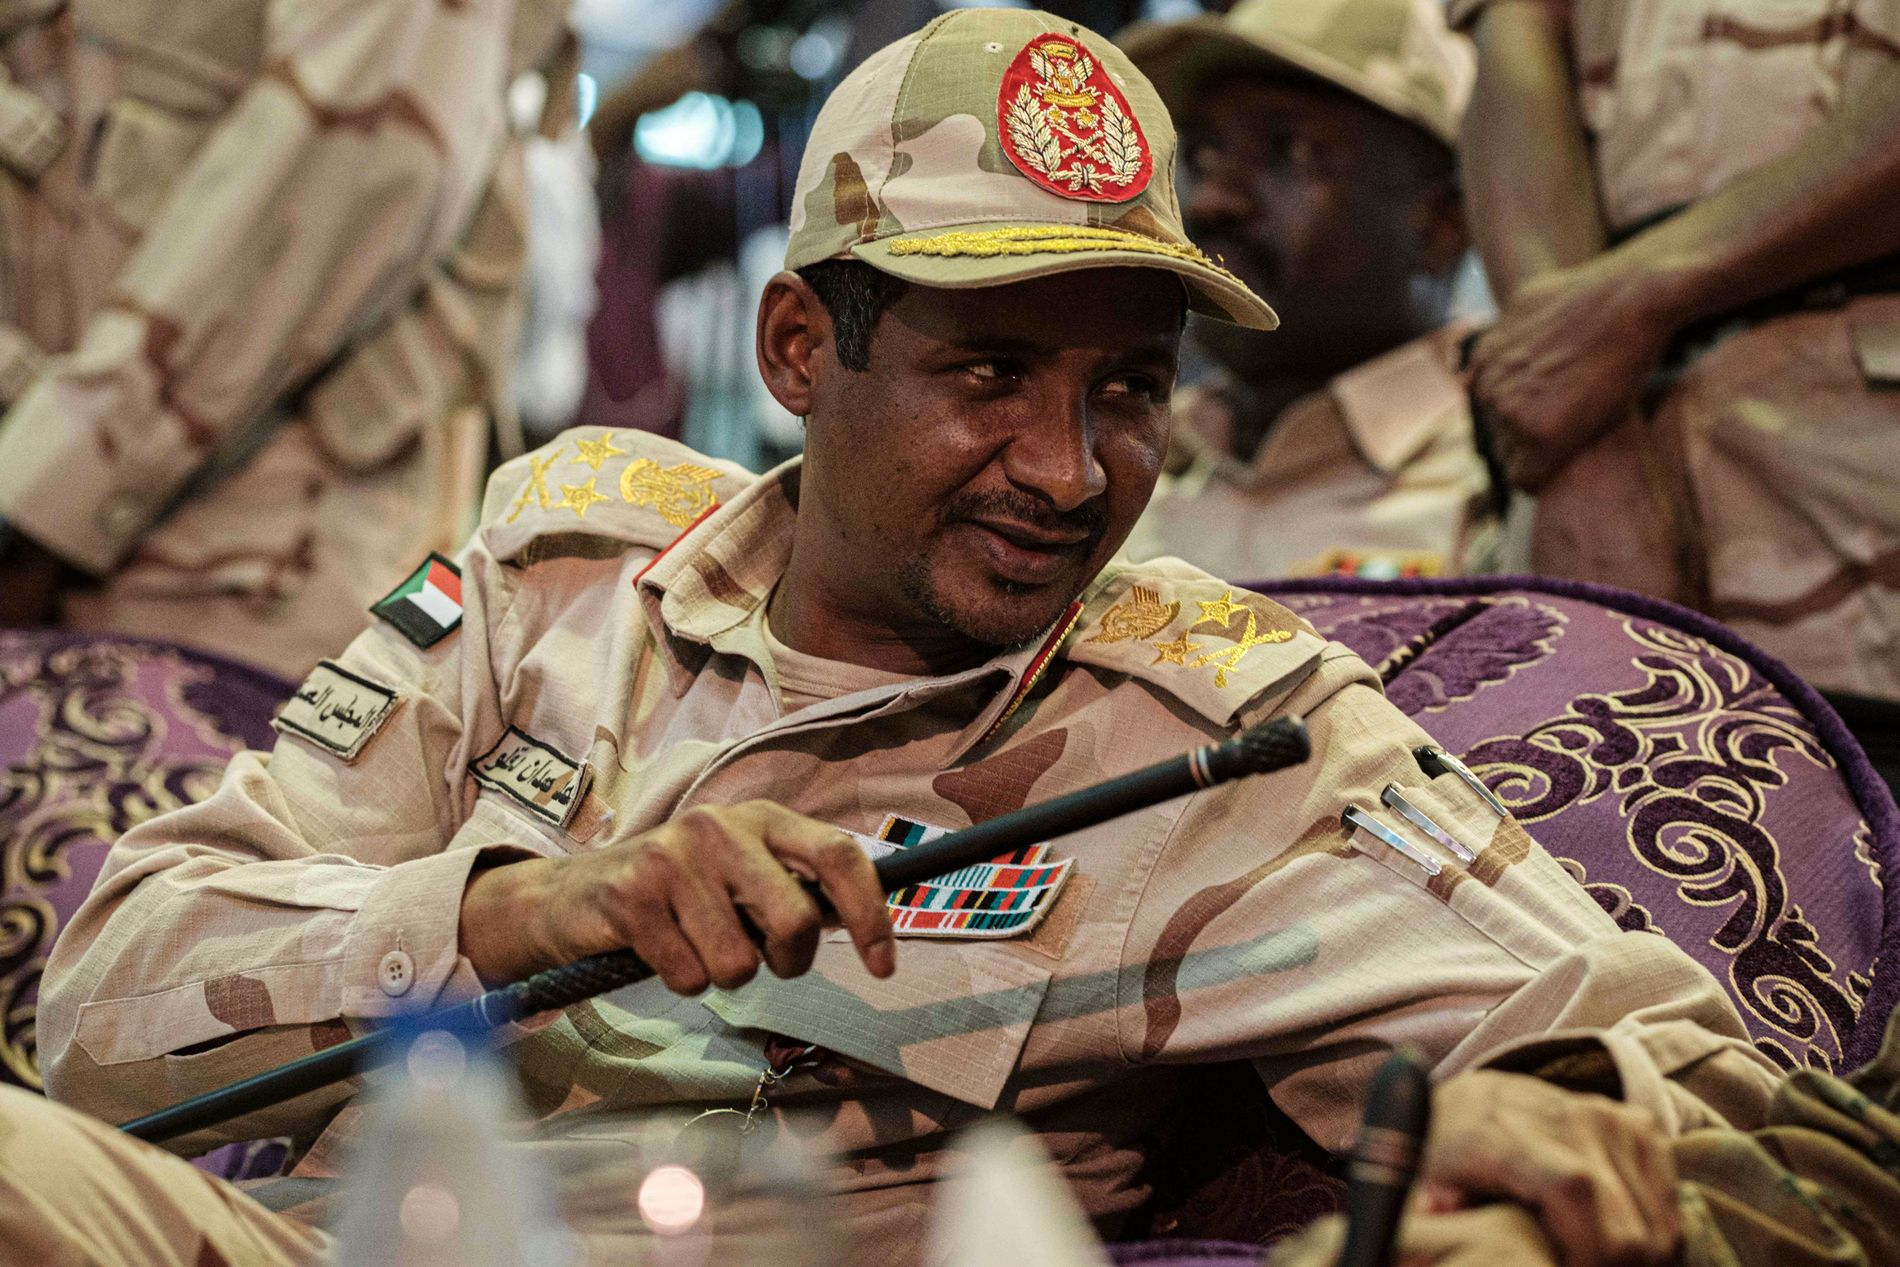 LEDEREN: Generalen Mohamed Hamdan Dagalo, kjent som Himediti, leder Militærrådet og er kommandør for Rapid Support Forces, styrkene som drepte demonstranter.